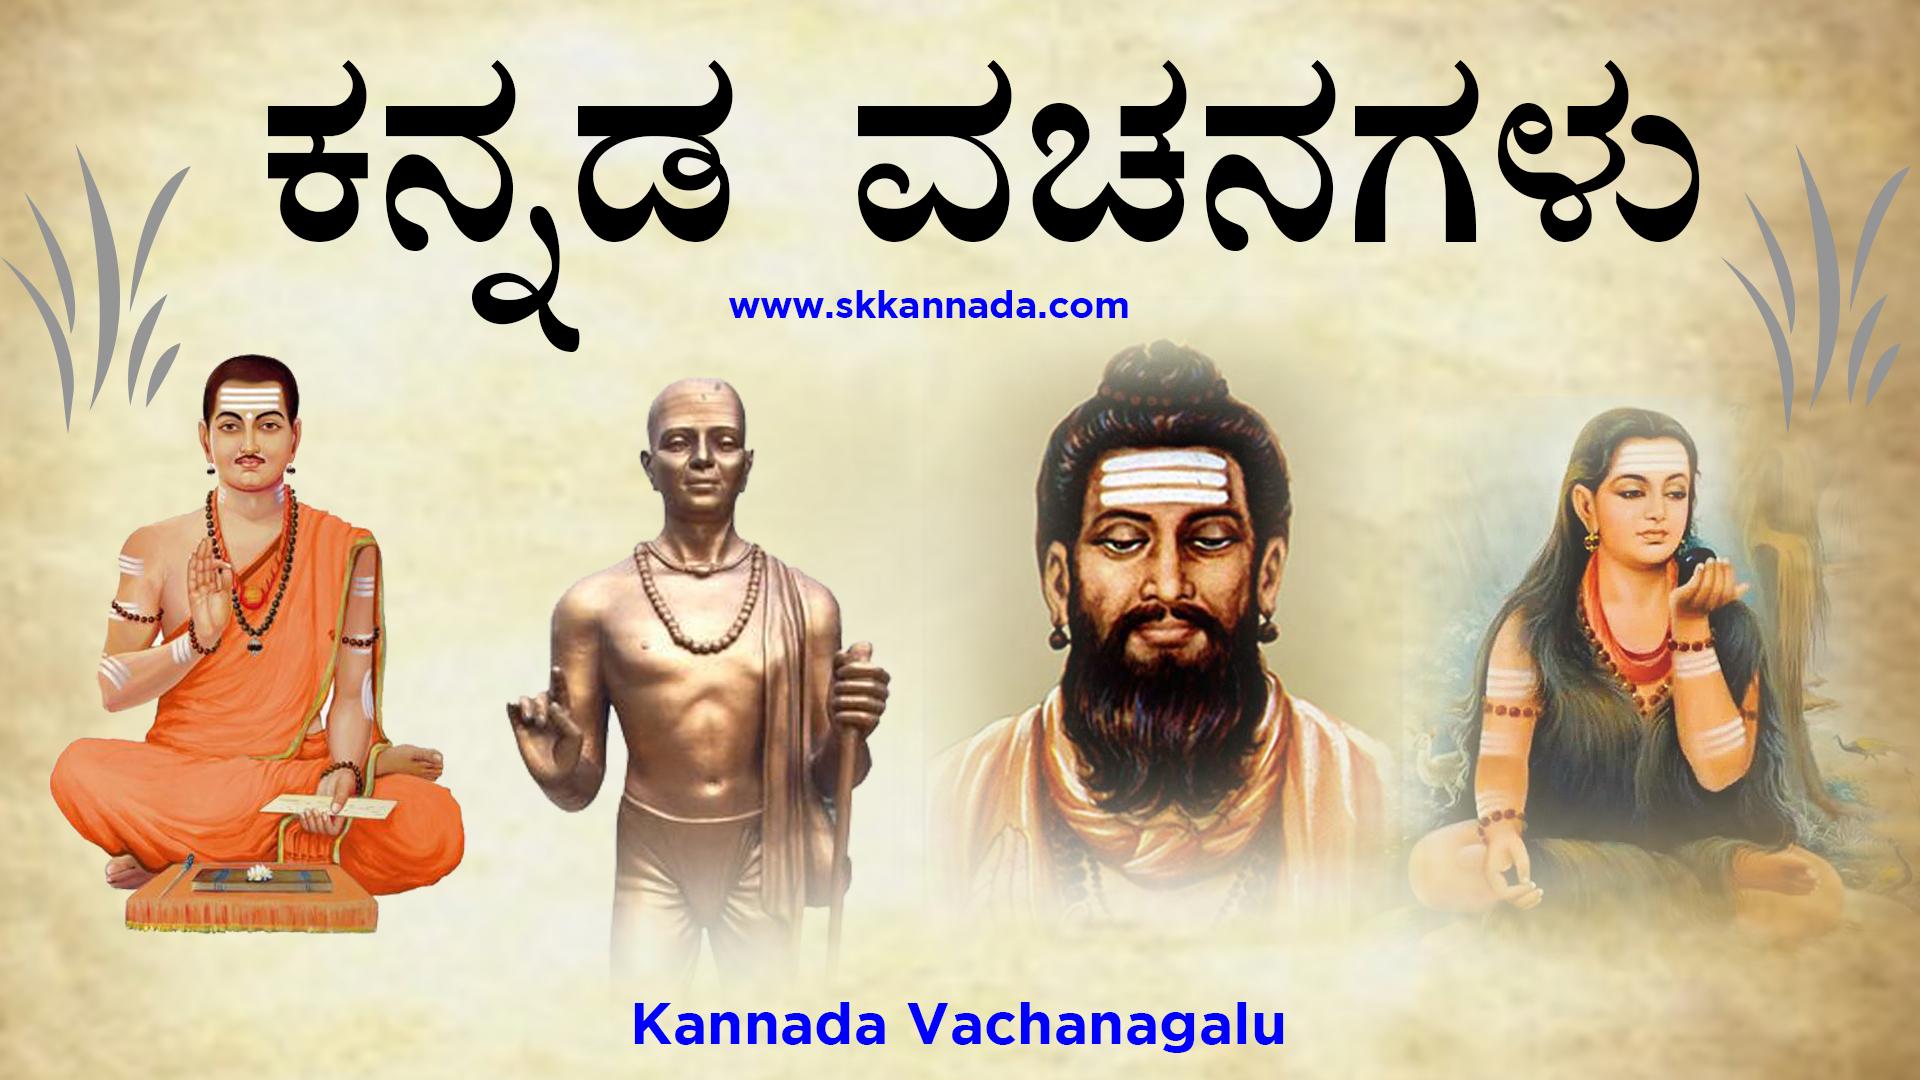 ಕನ್ನಡ ವಚನಗಳು - Kannada Vachanagalu